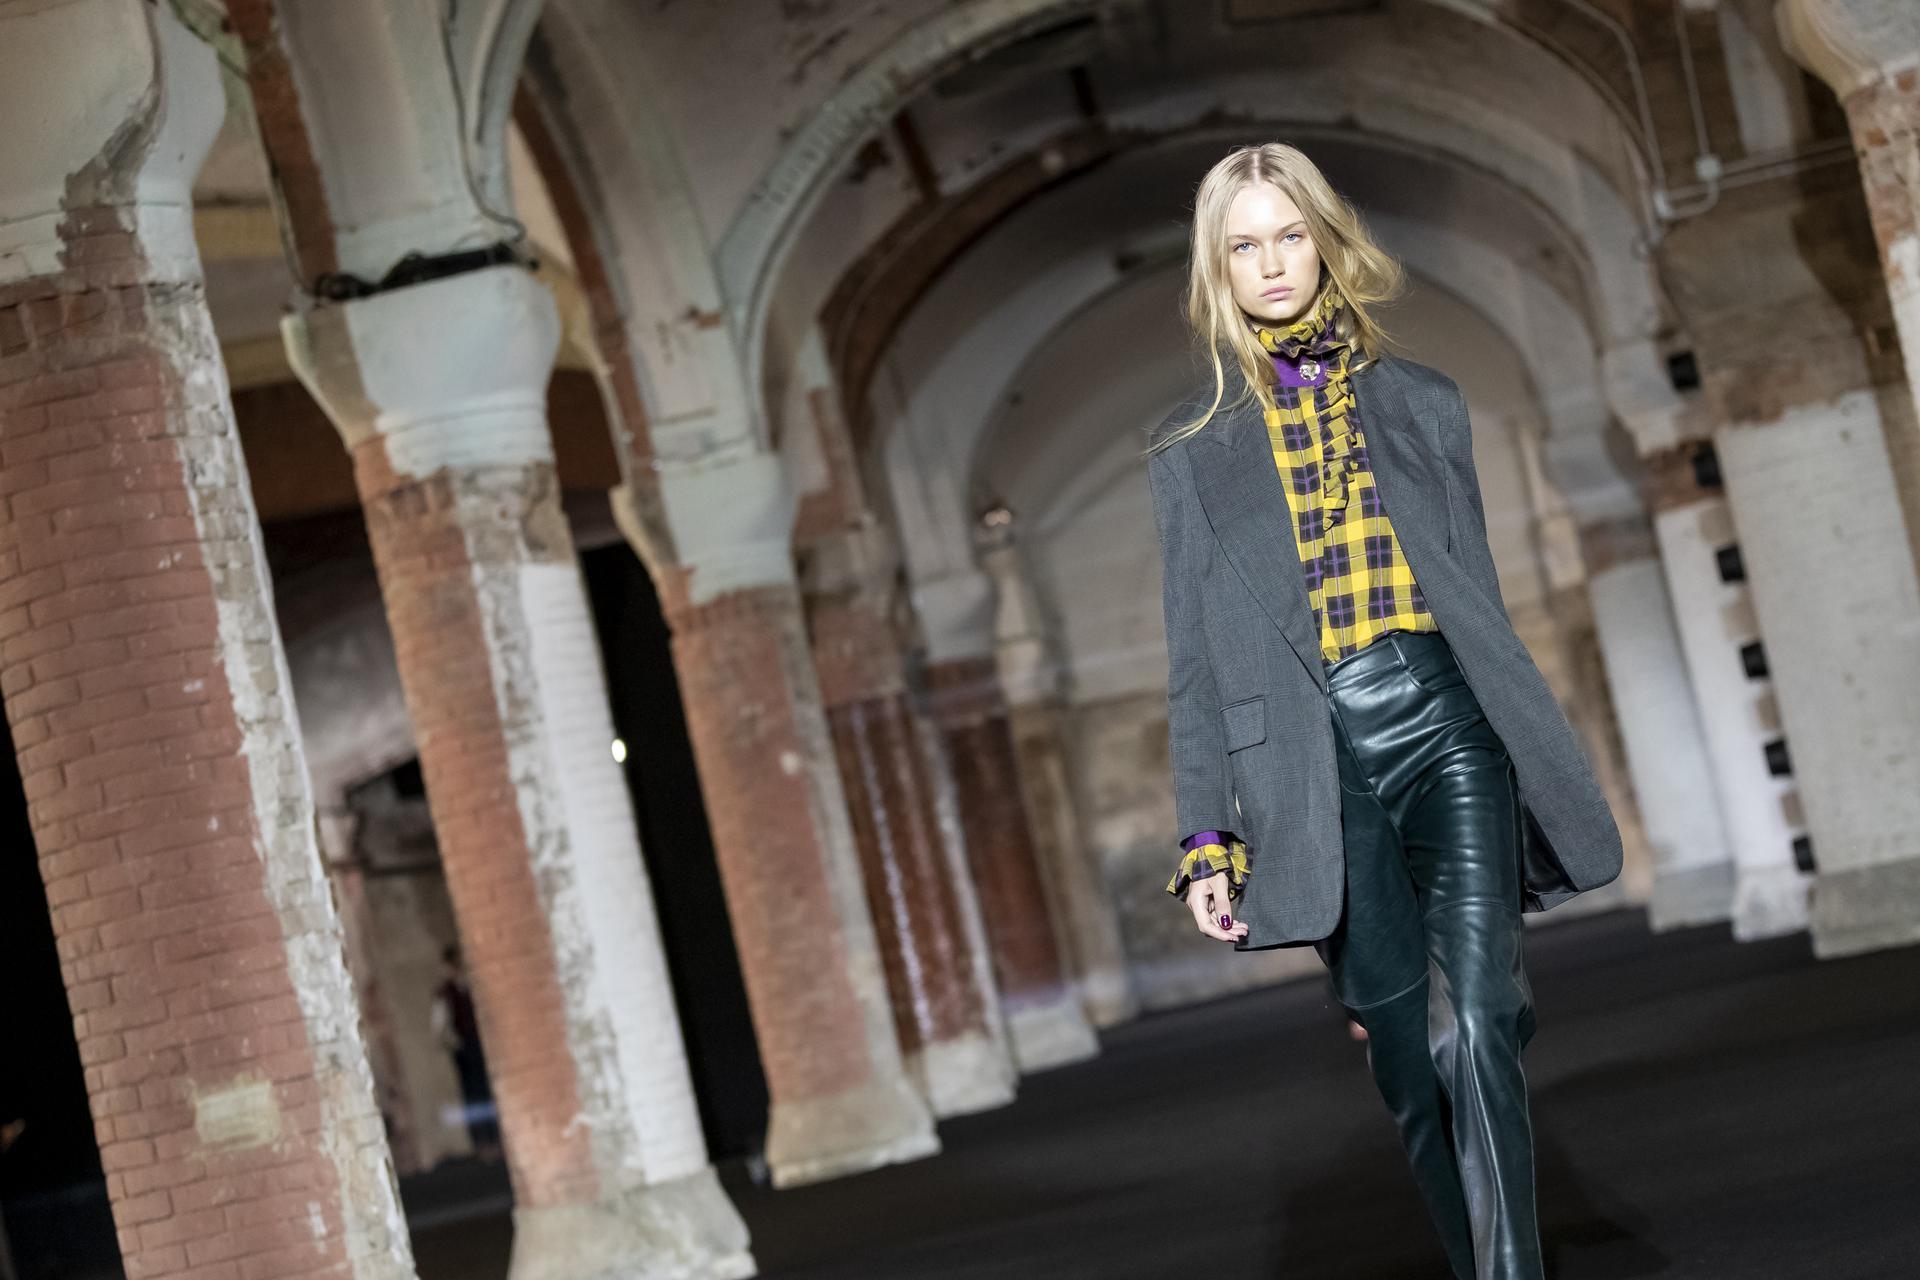 The%20Label%20Edition%20ambient 1090 - 080 Barcelona Fashion Digital Edition concluye con su cuarta sesión de los últimos Fashion Show Films